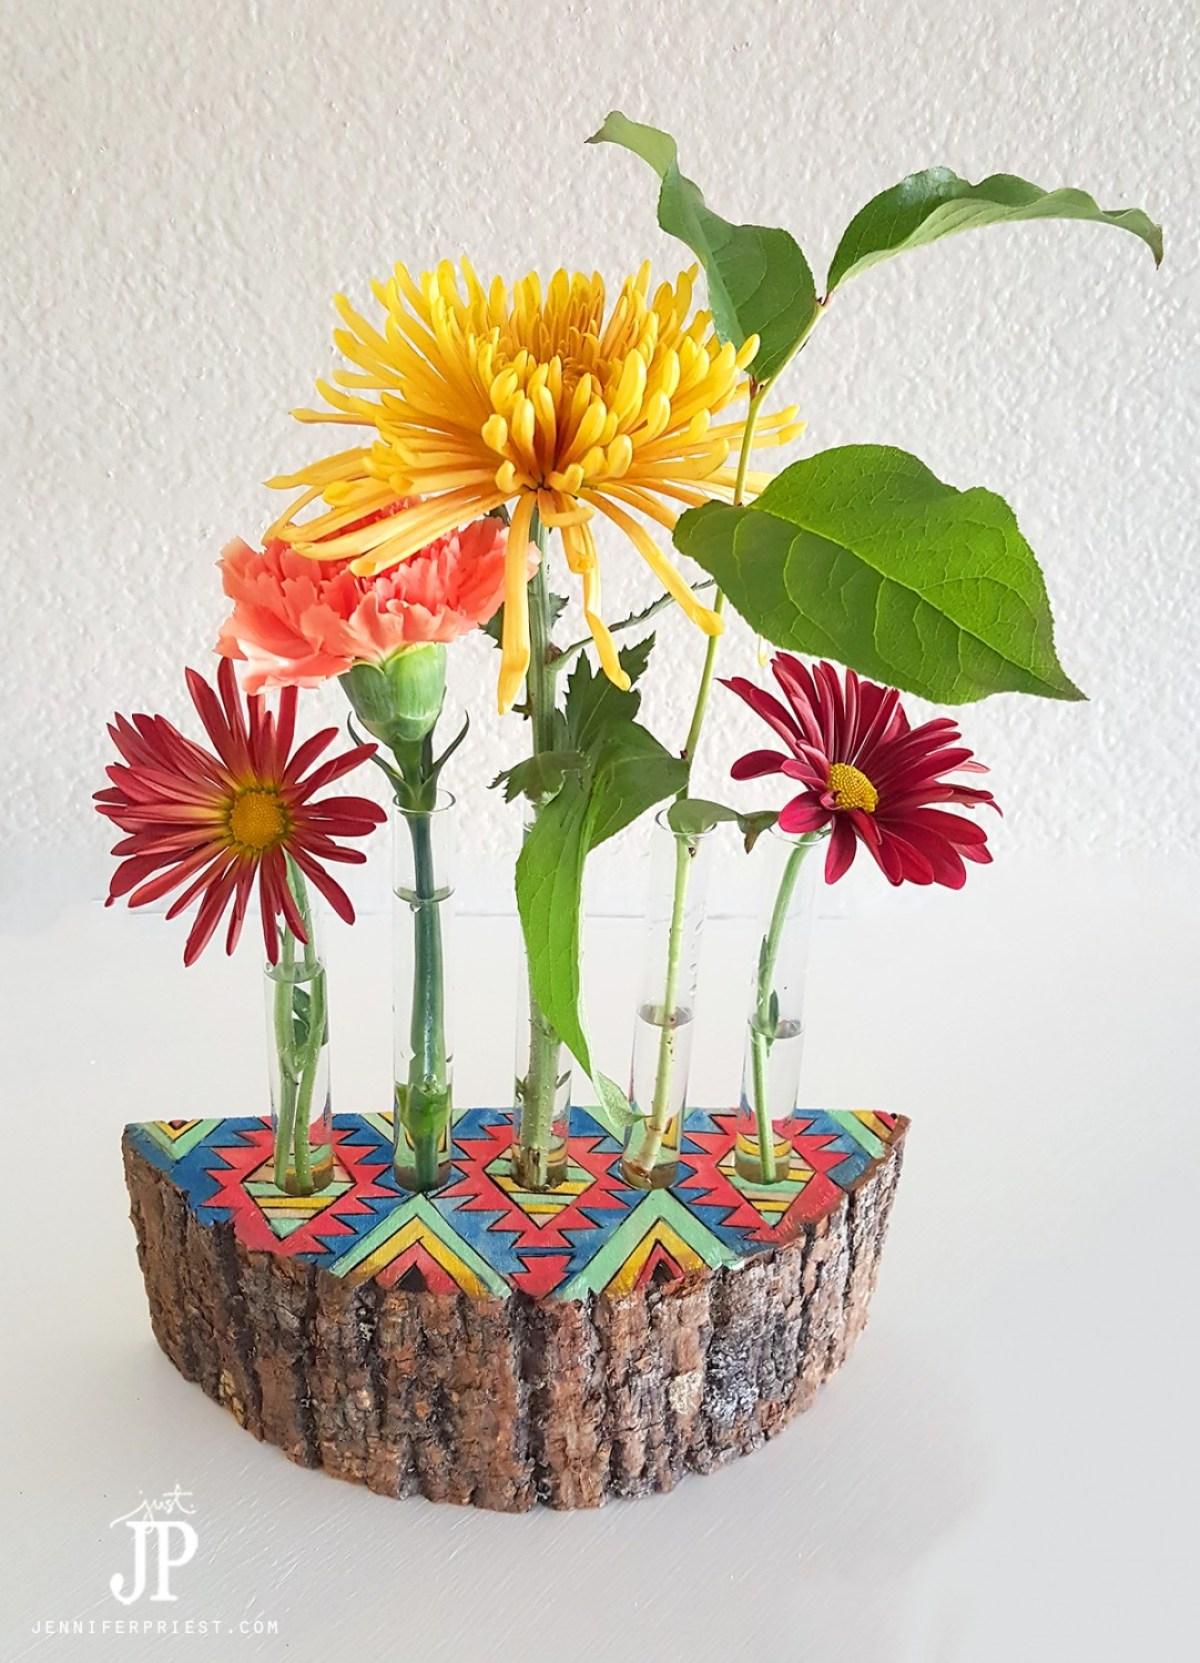 DIY-Test-Tube-Vase-in-Wood-Slab-JPriest